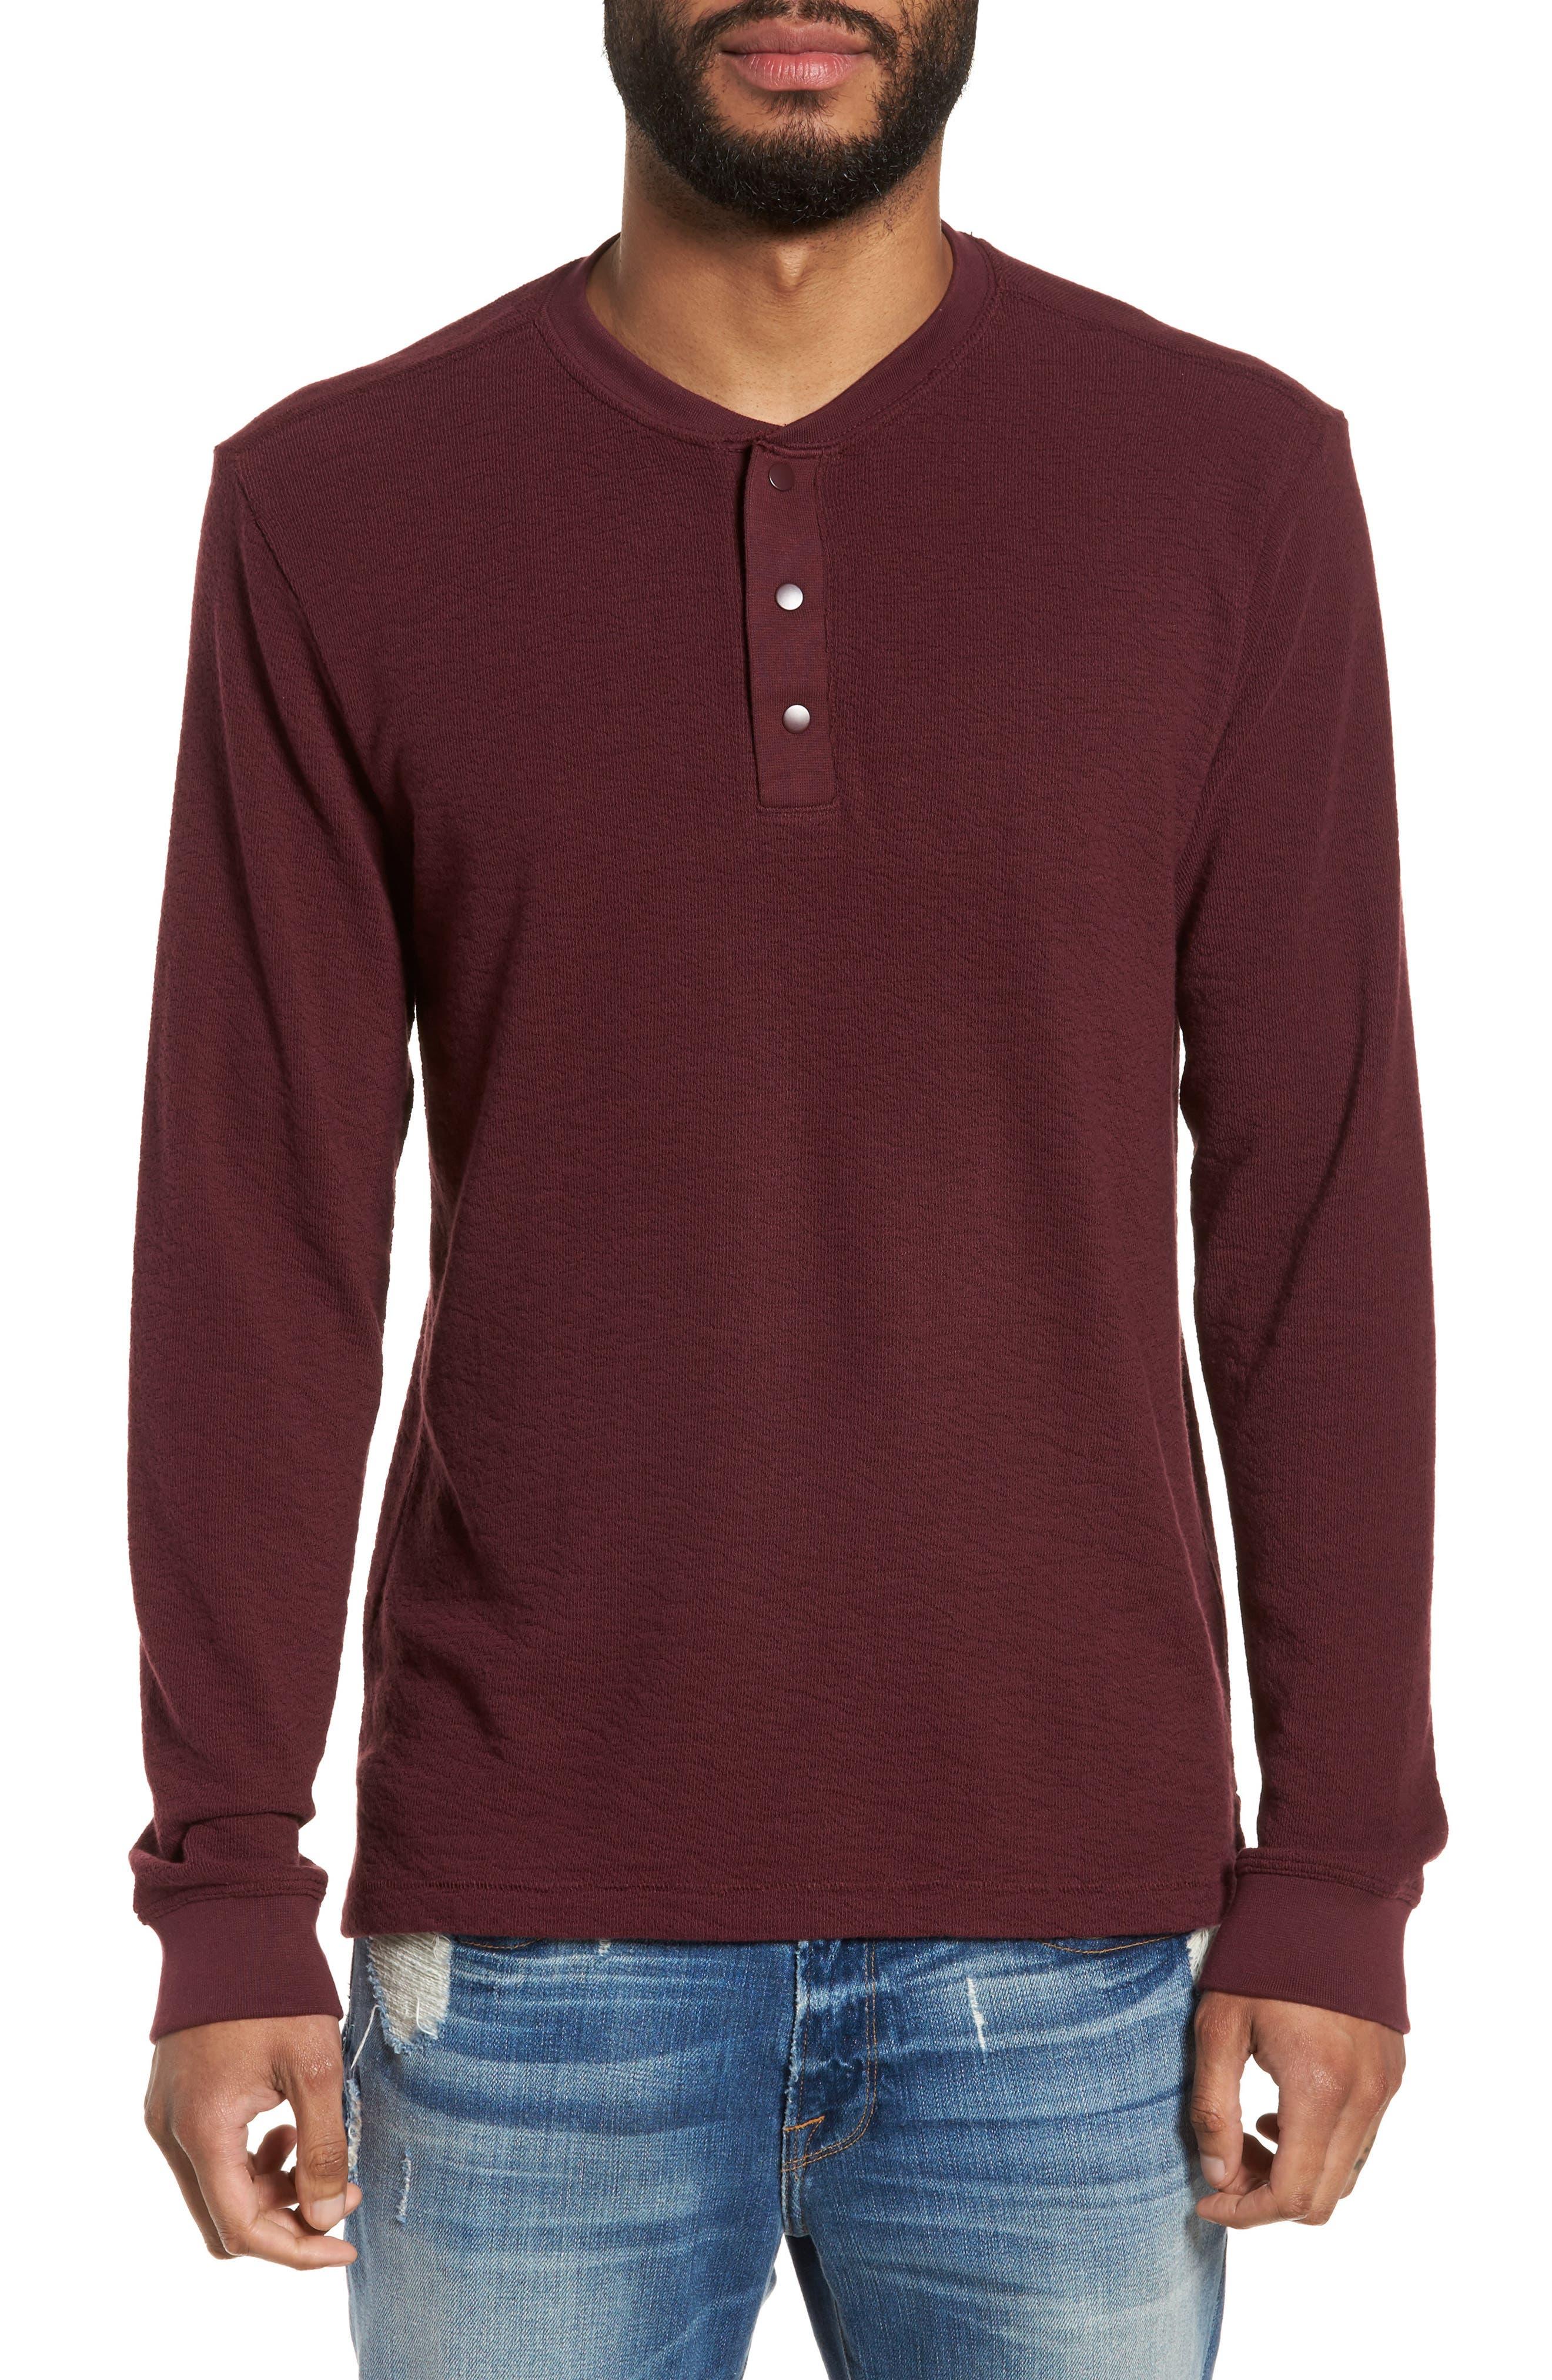 Alternate Image 1 Selected - Treasure & Bond Canyon Long Sleeve Henley T-Shirt